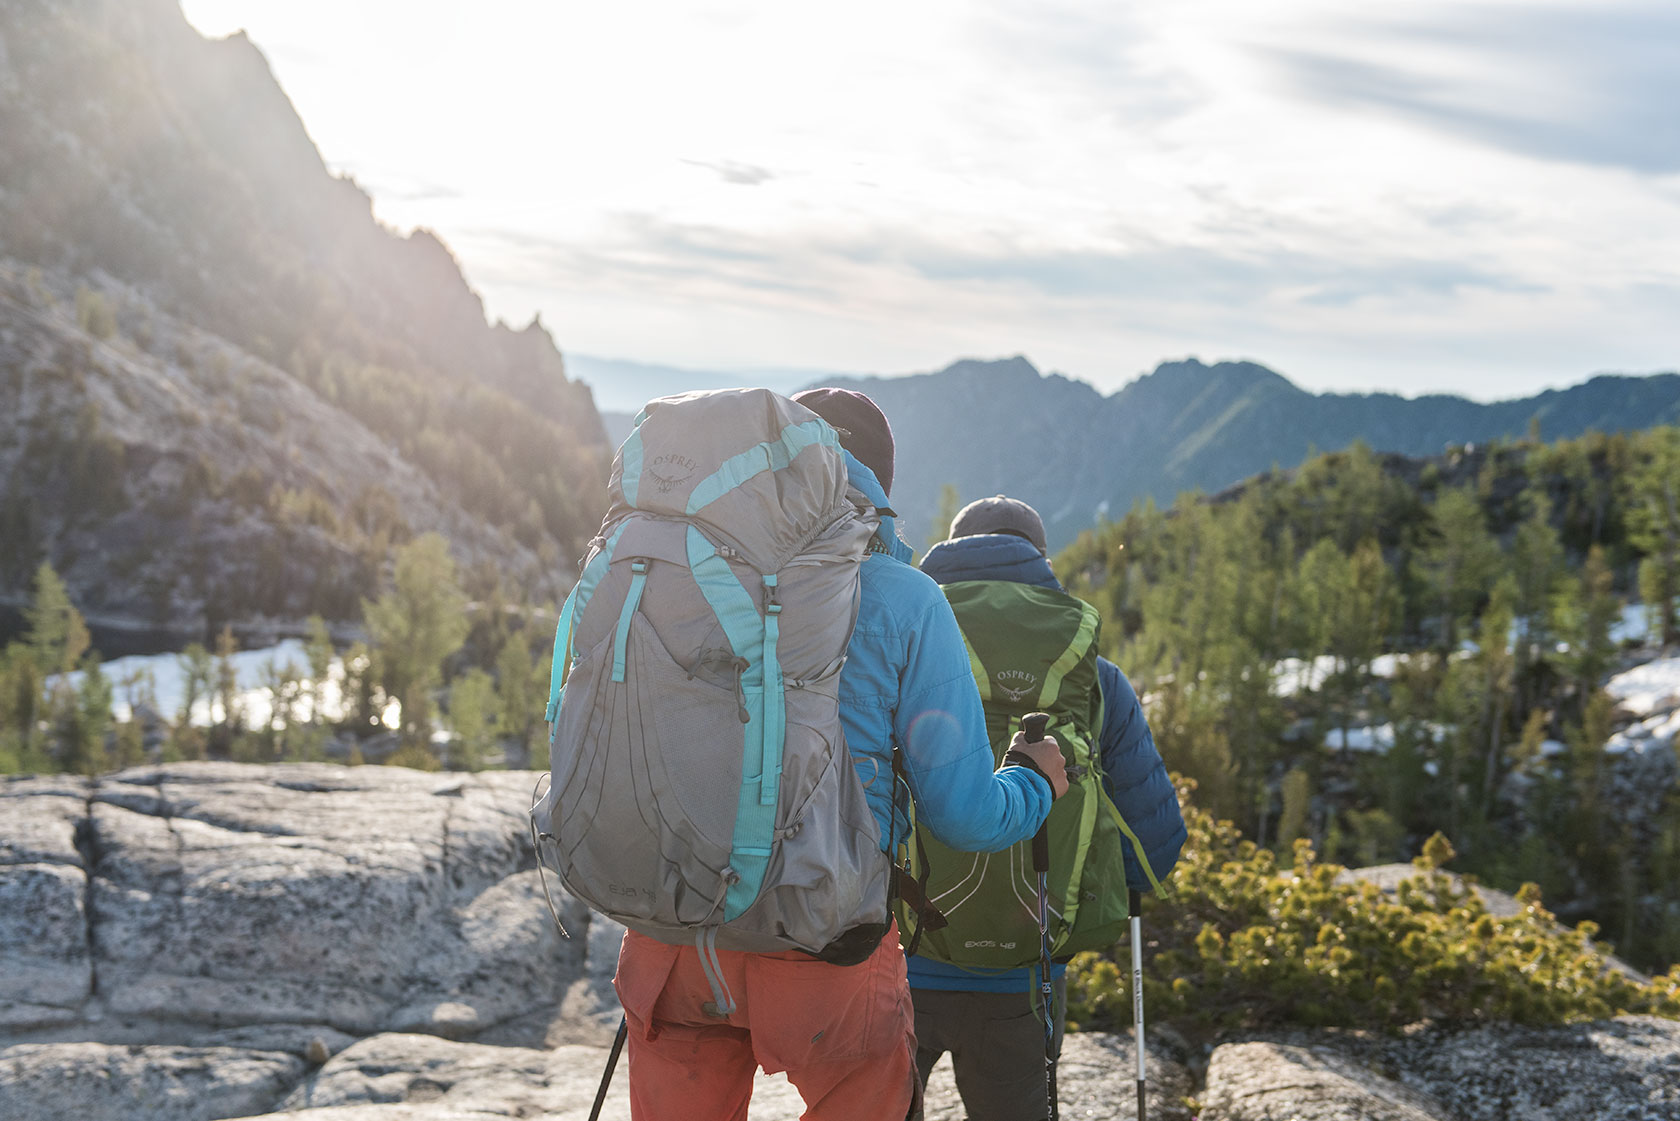 austin-trigg-osprey-hiking-backpacks-washington-lifestyle-morning-adventure-outdoor-active-hike-camp-sunrise-enchantments-mountain-range-product.jpg